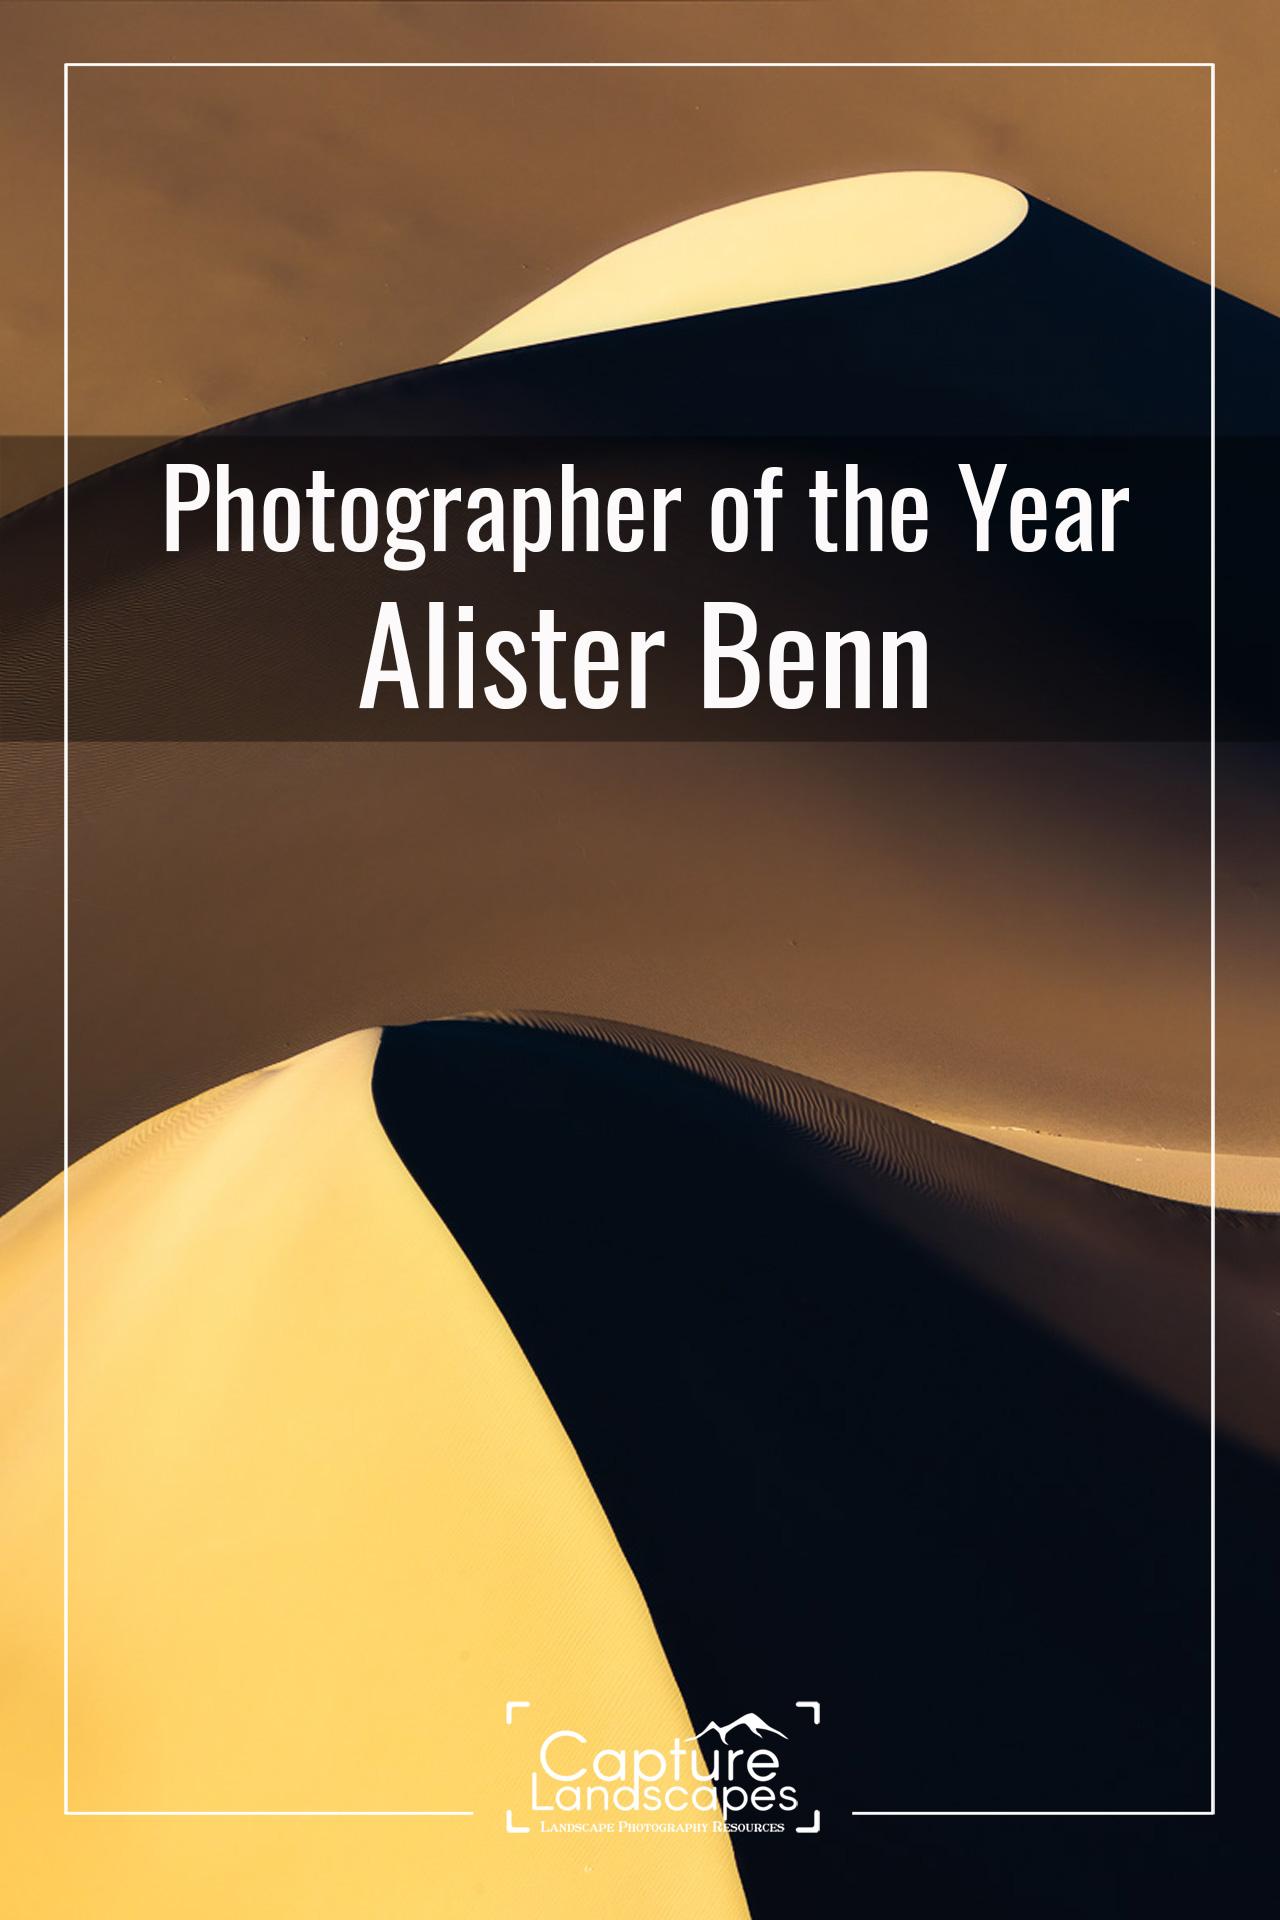 Alister Benn Interview